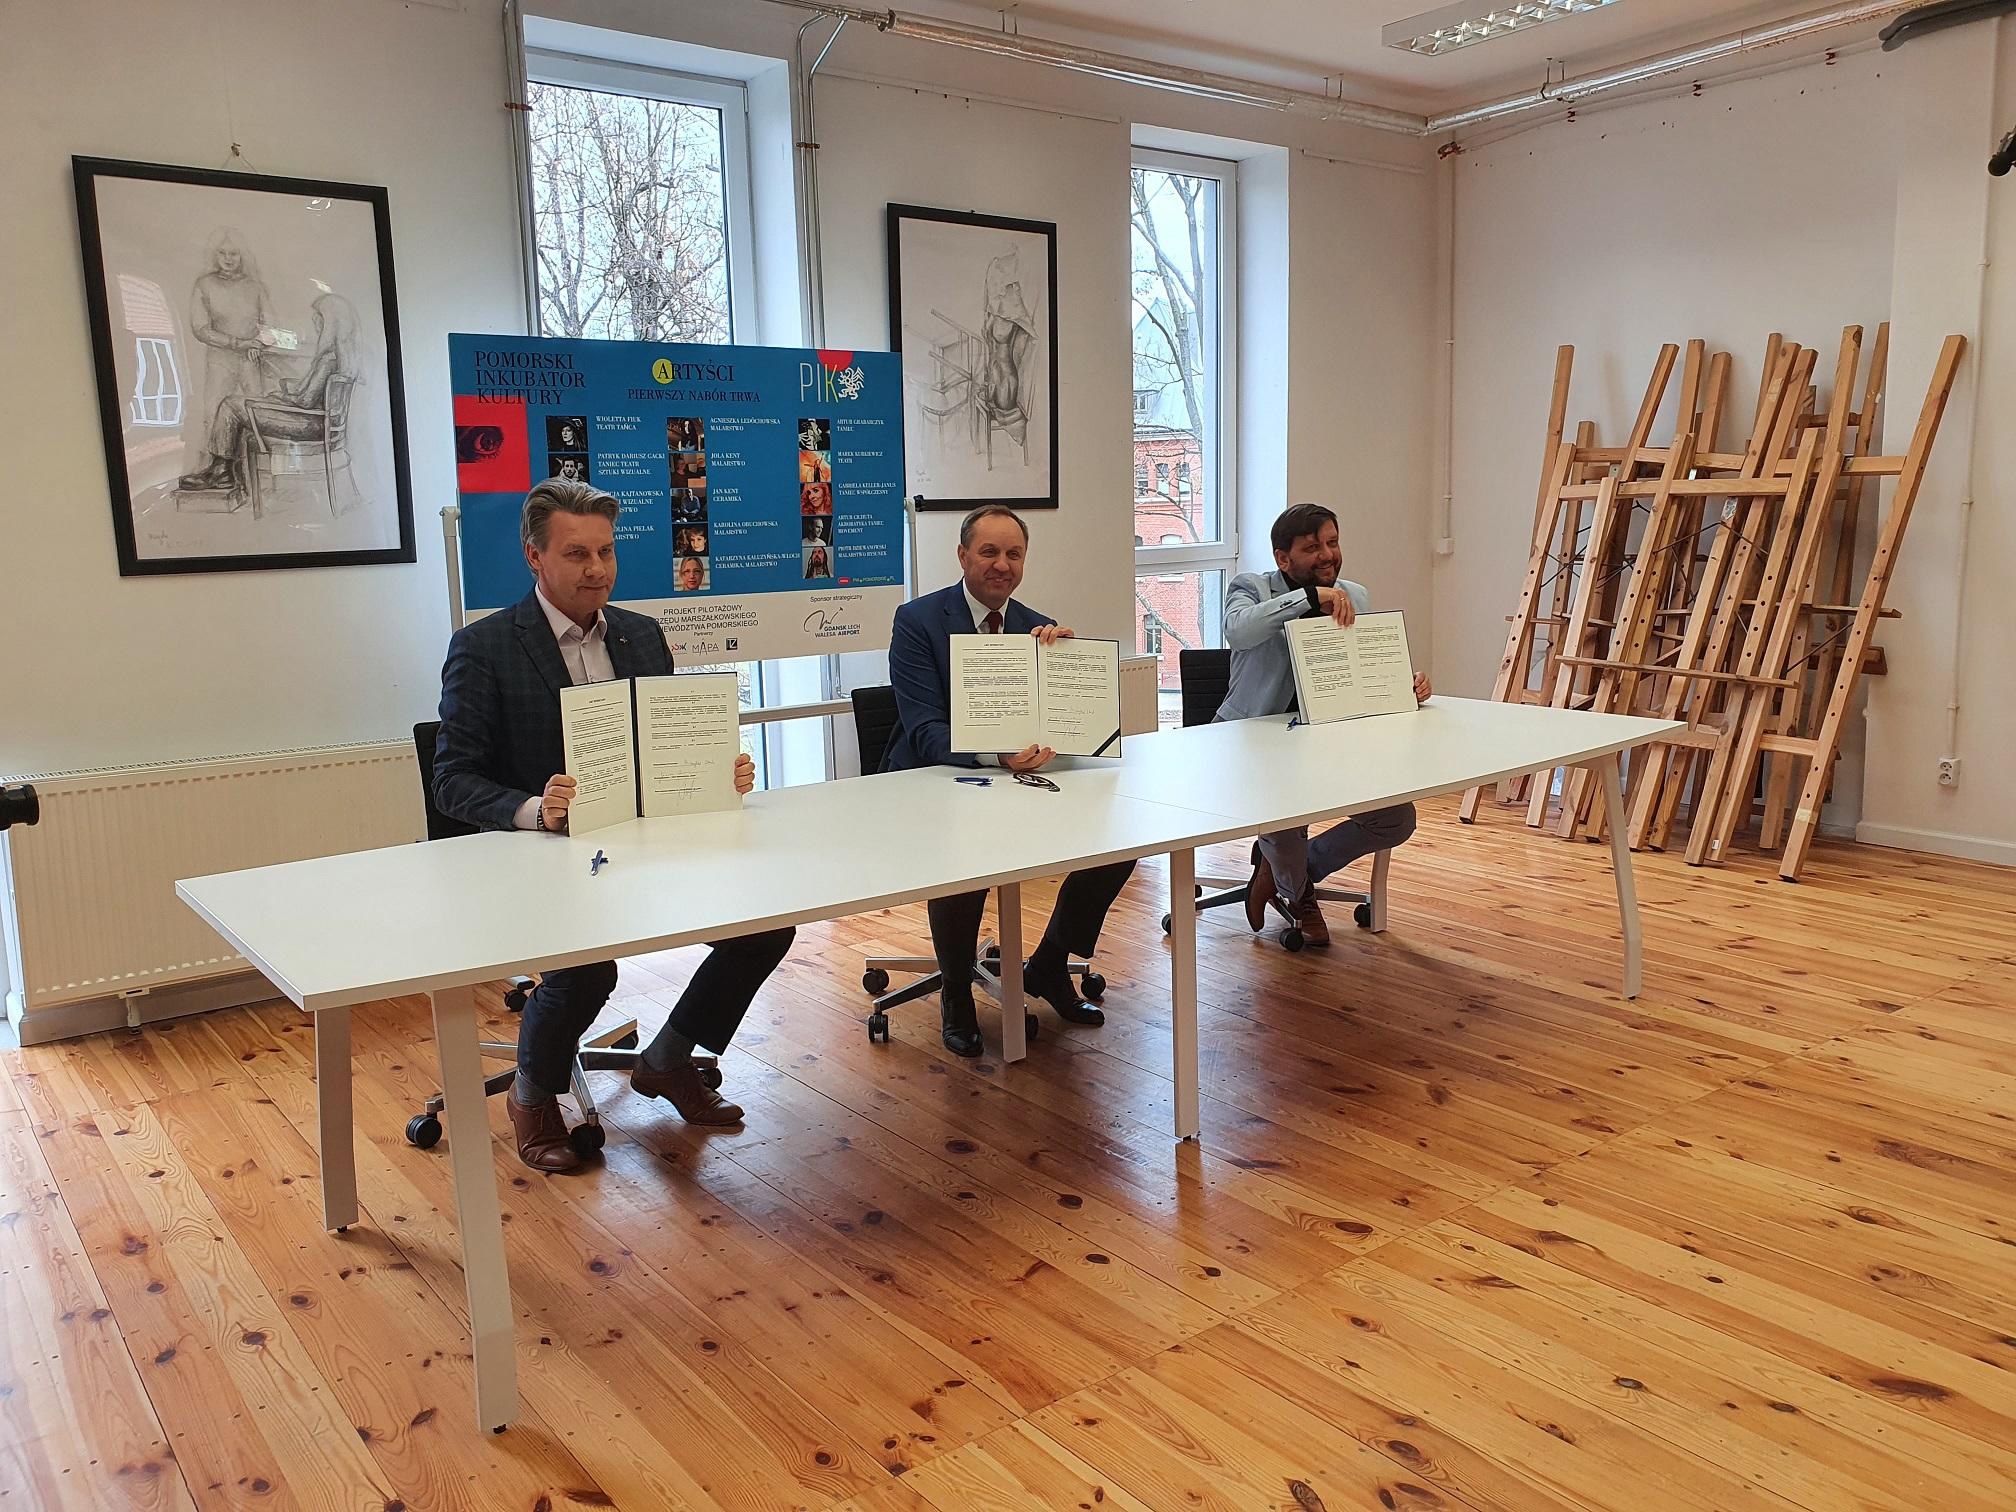 Oficjalne otwarcie Pomorskiego Inkubatora Kultury. Zaprasza wszystkich artystów z regionu